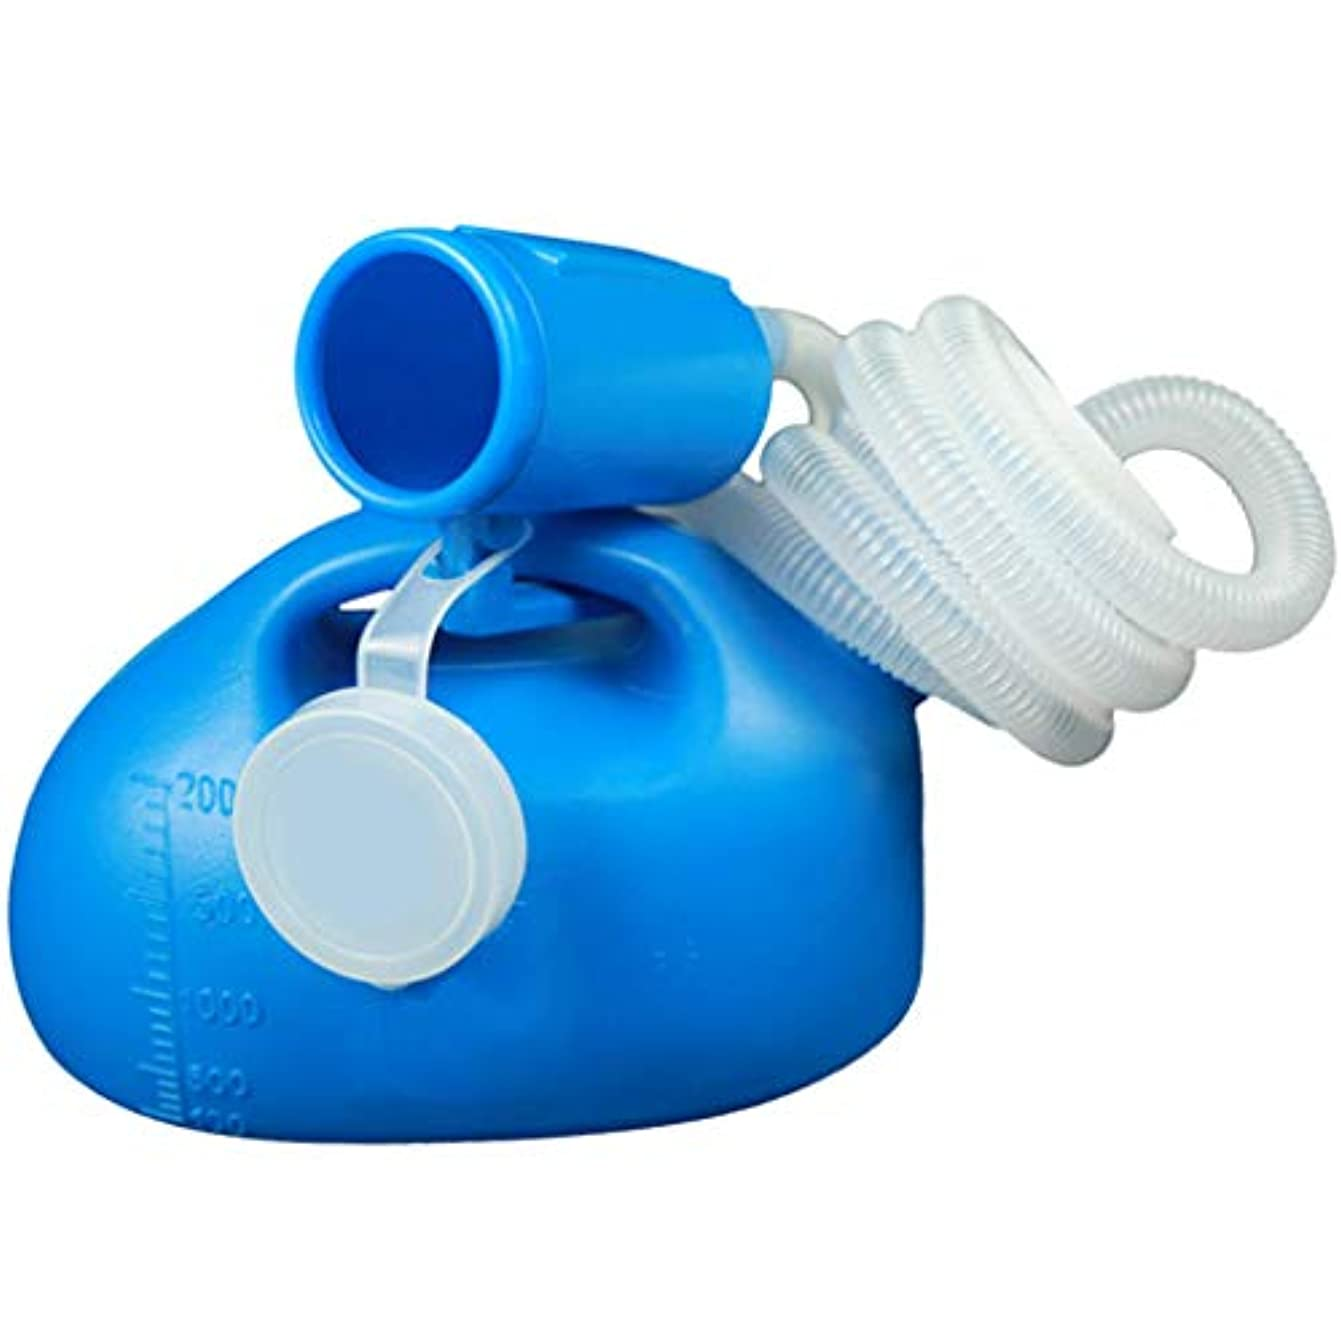 富非公式教えるメンズ2000MLポータブル尿ボトル、再利用可能な男性用小便器、男性用ロングチューブ、蓋付きのこぼれ防止小便器、病院のキャンピングカー旅行に最適(青)